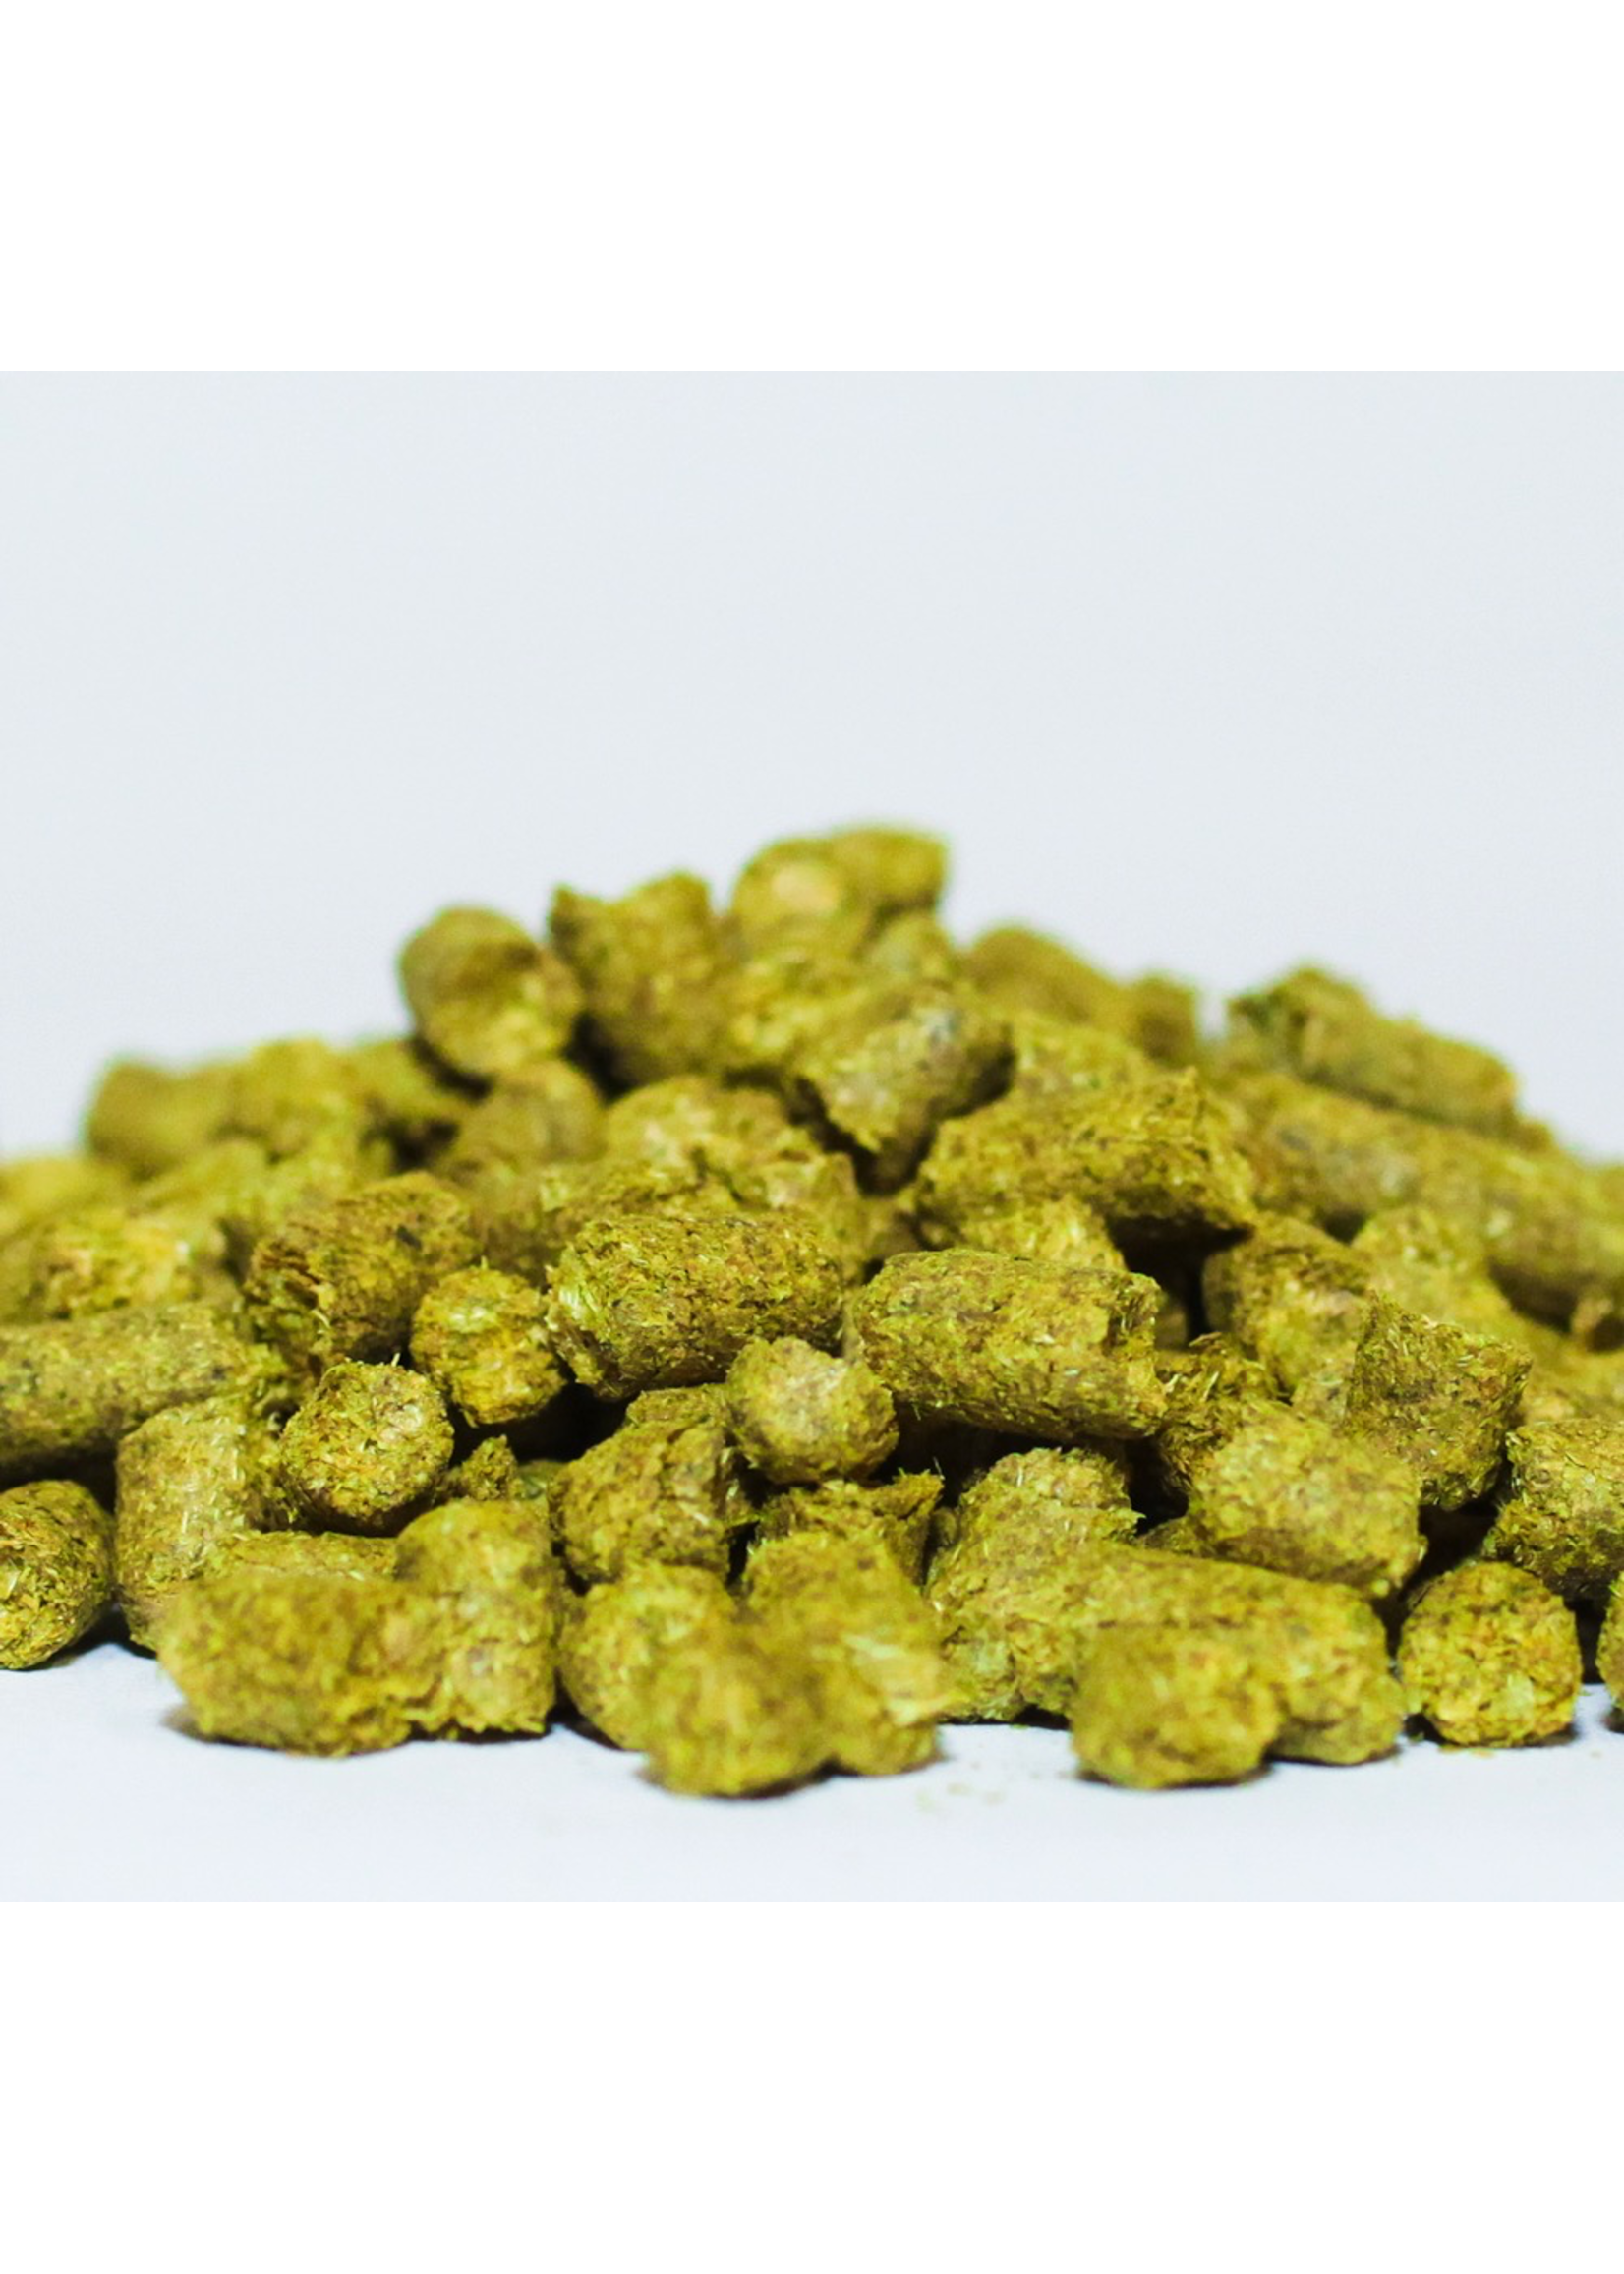 Hops Northern Brewer Hops (German) - Pellets - 1 LB